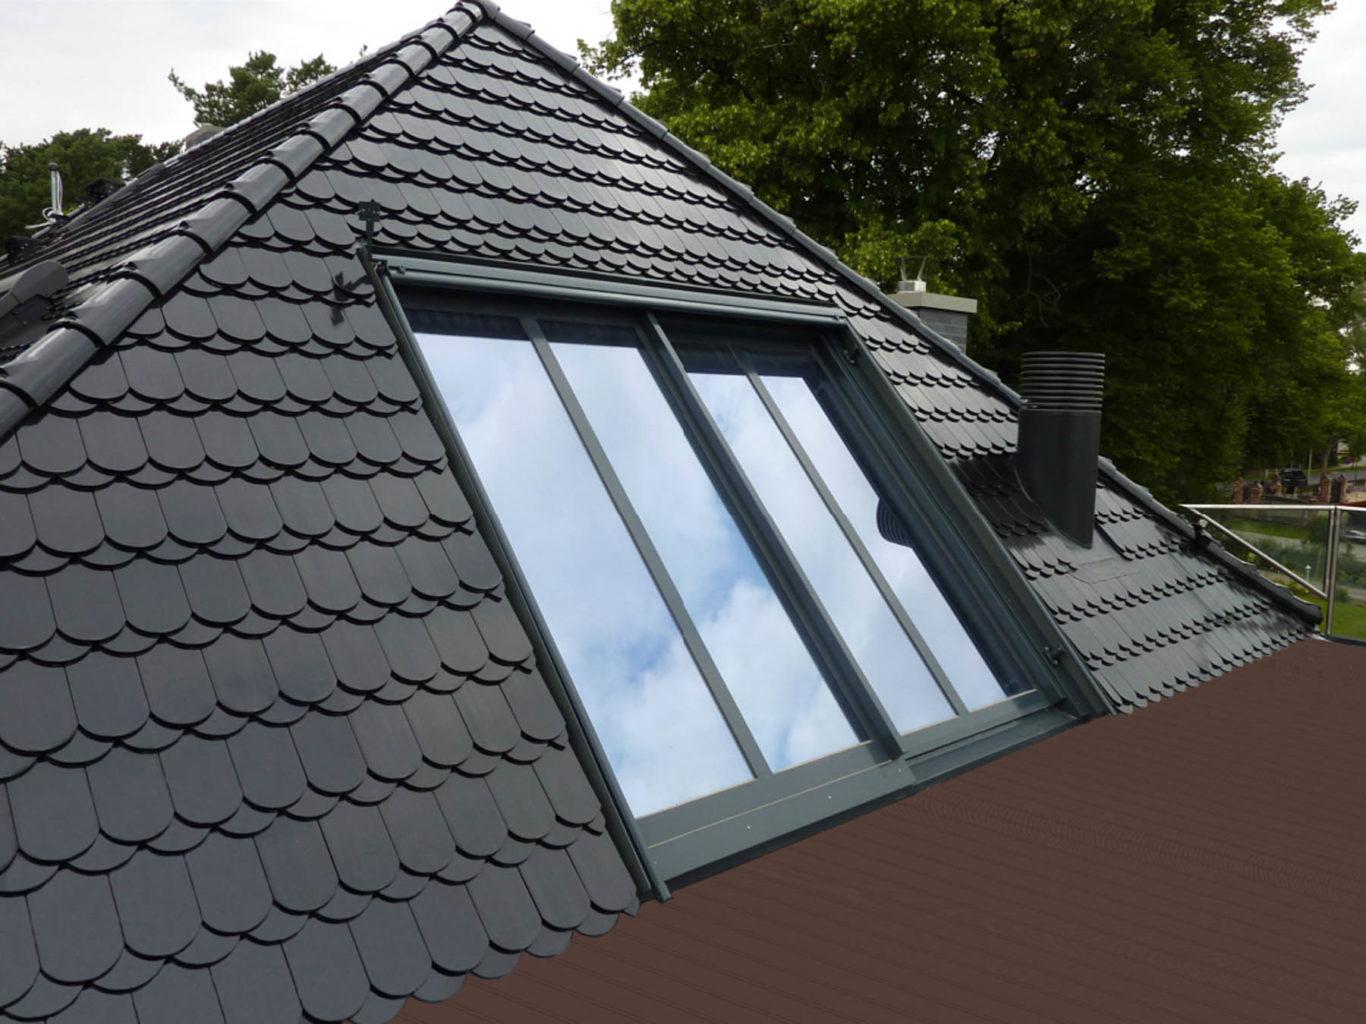 Dachfenster Panorama in Berlin (Objekt 1109). Panorama-Dachschiebefenster als Dachgeschoss-Belichtung und Dachterrassen-Zugang; flächenbündiger Einbau